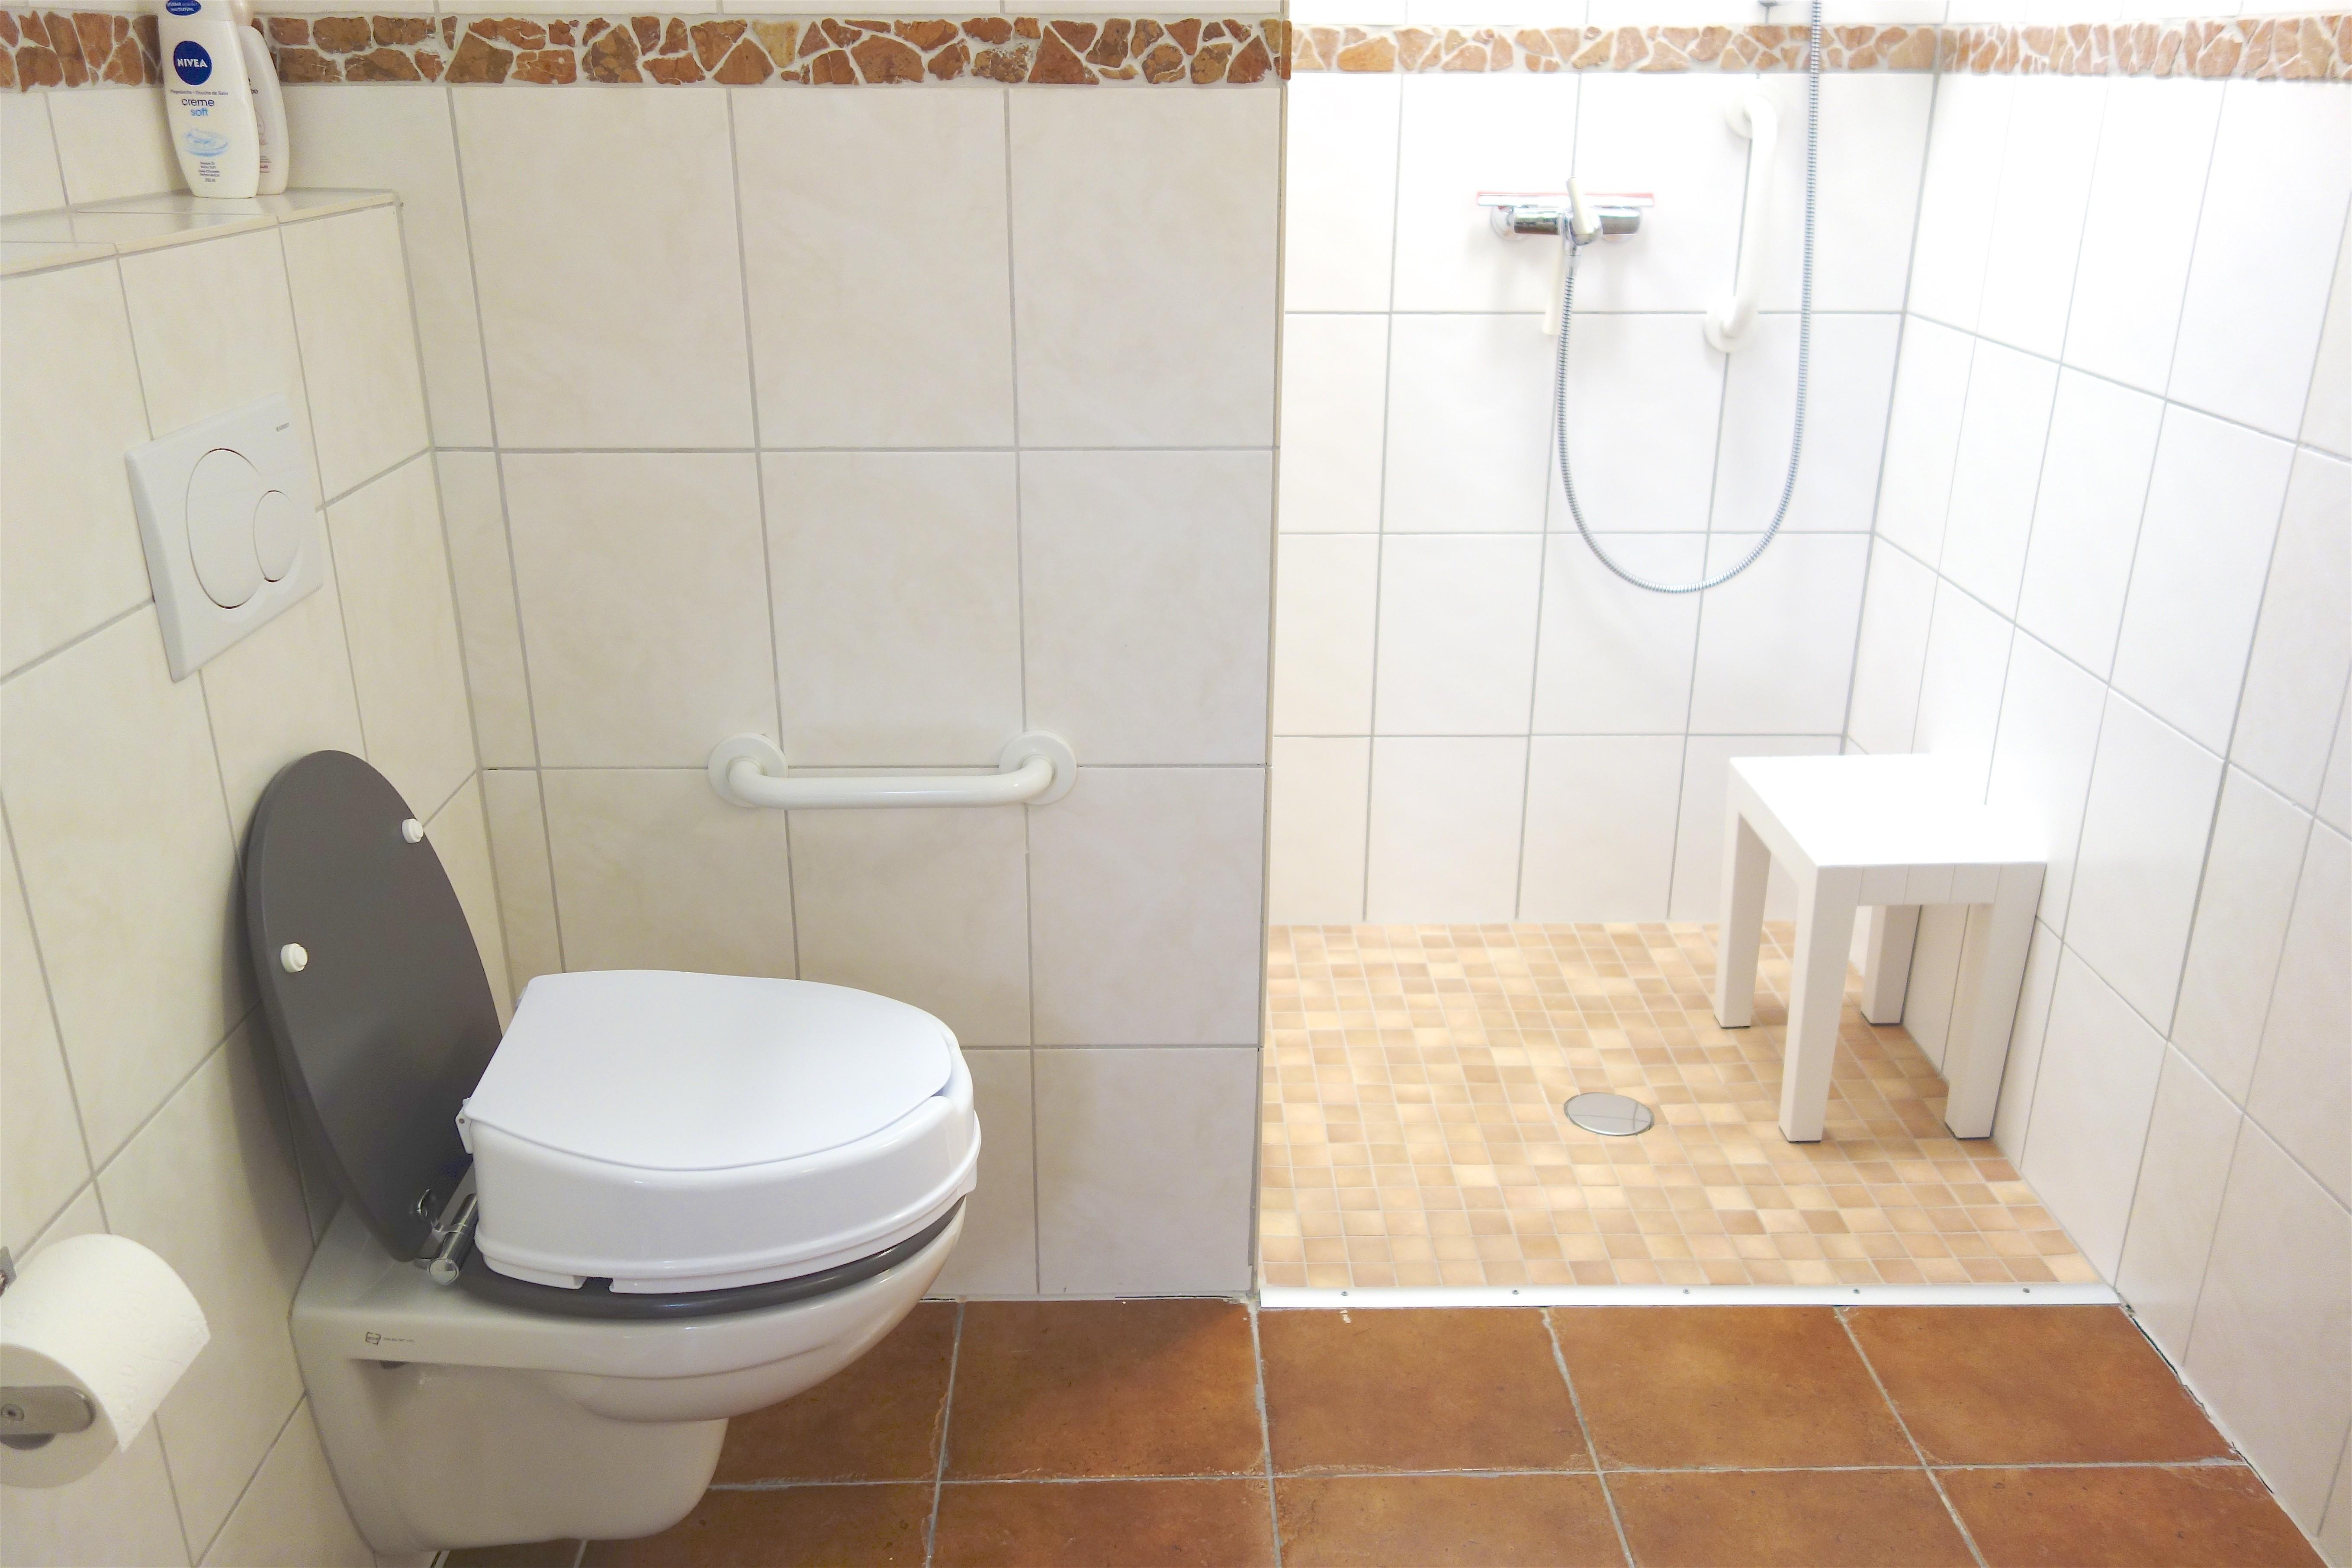 Badezimmer. Dusch-Hocker und WC Sitz-Erhöhung als zusätzliche Ausstattung.